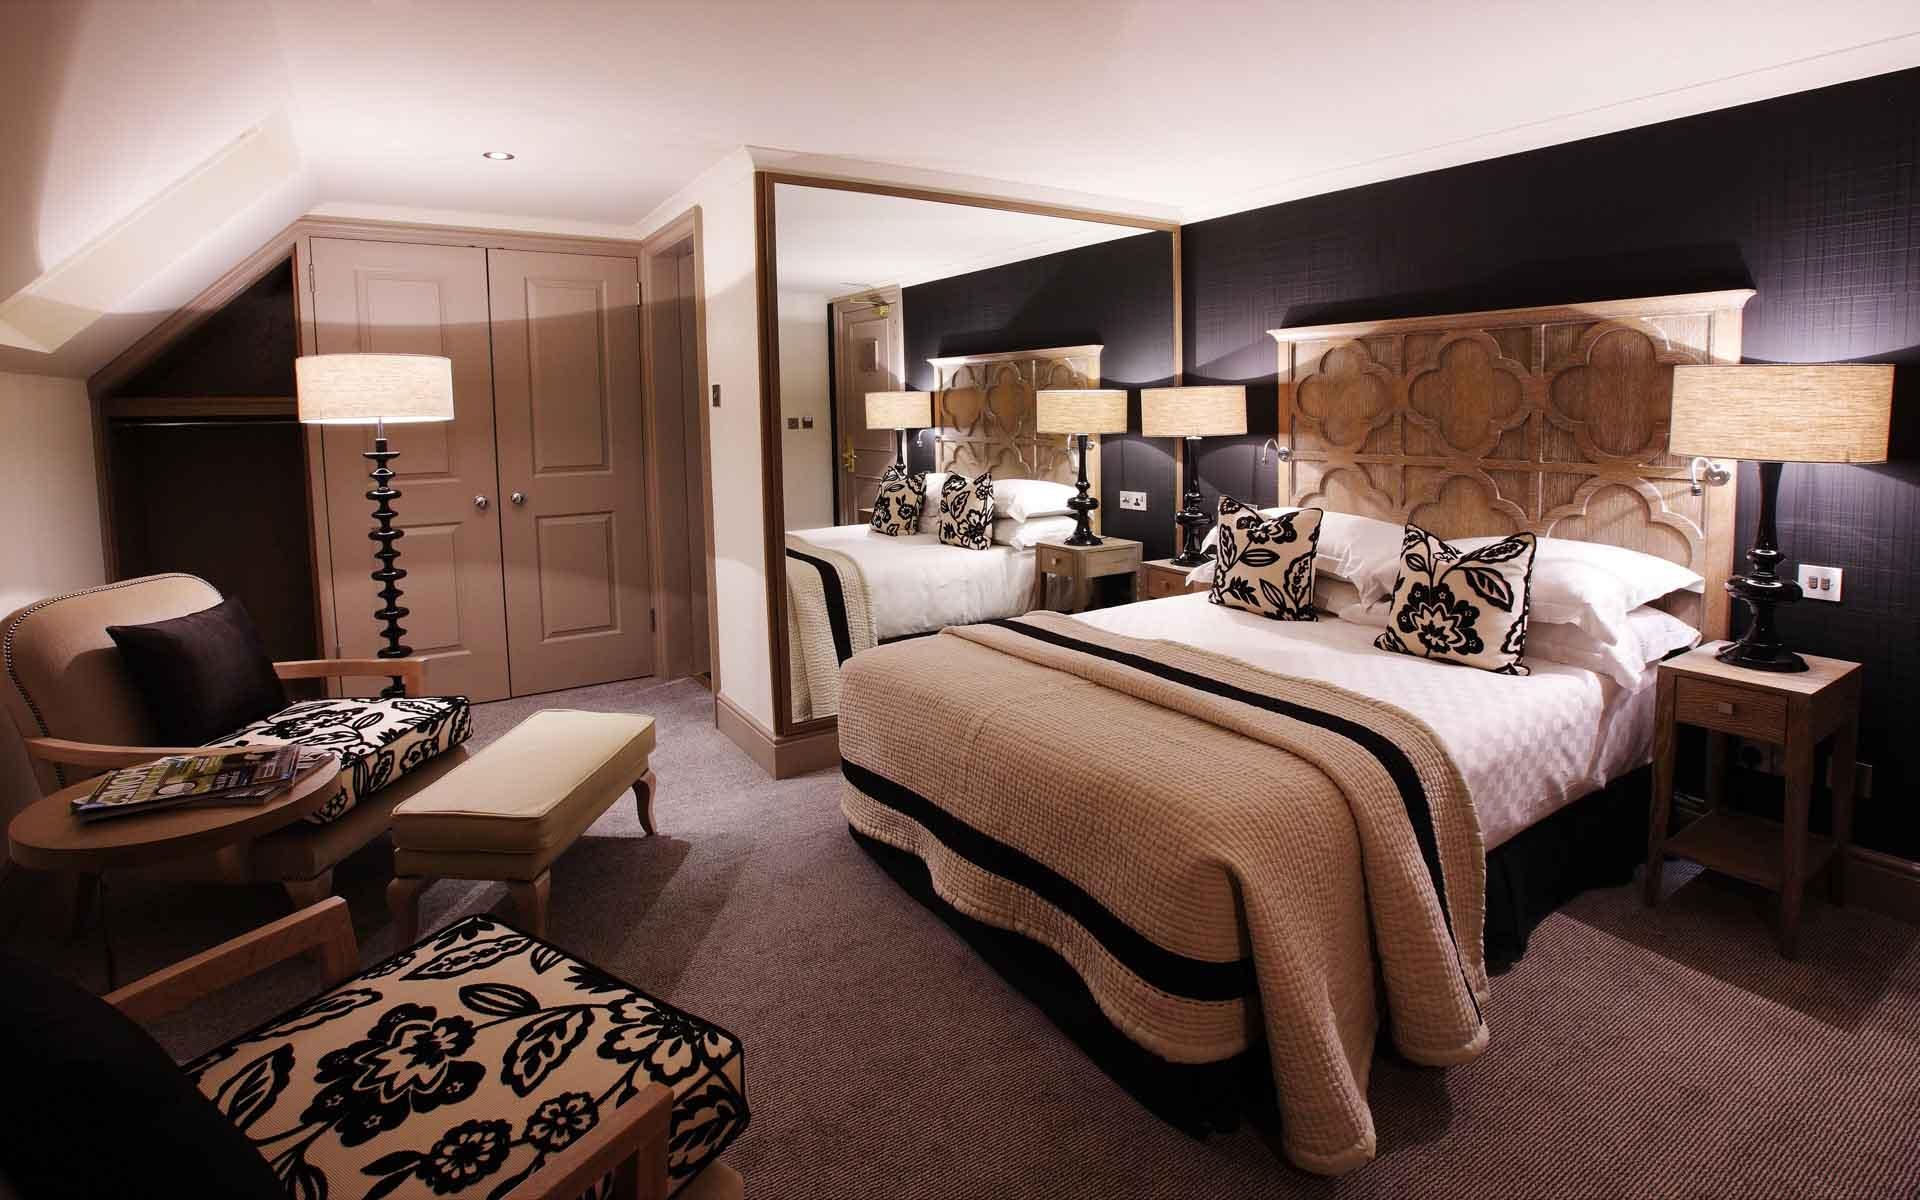 بالصور احلى غرف نوم , اشيك كتالوجهات غرف النوم للعرسان 2863 5